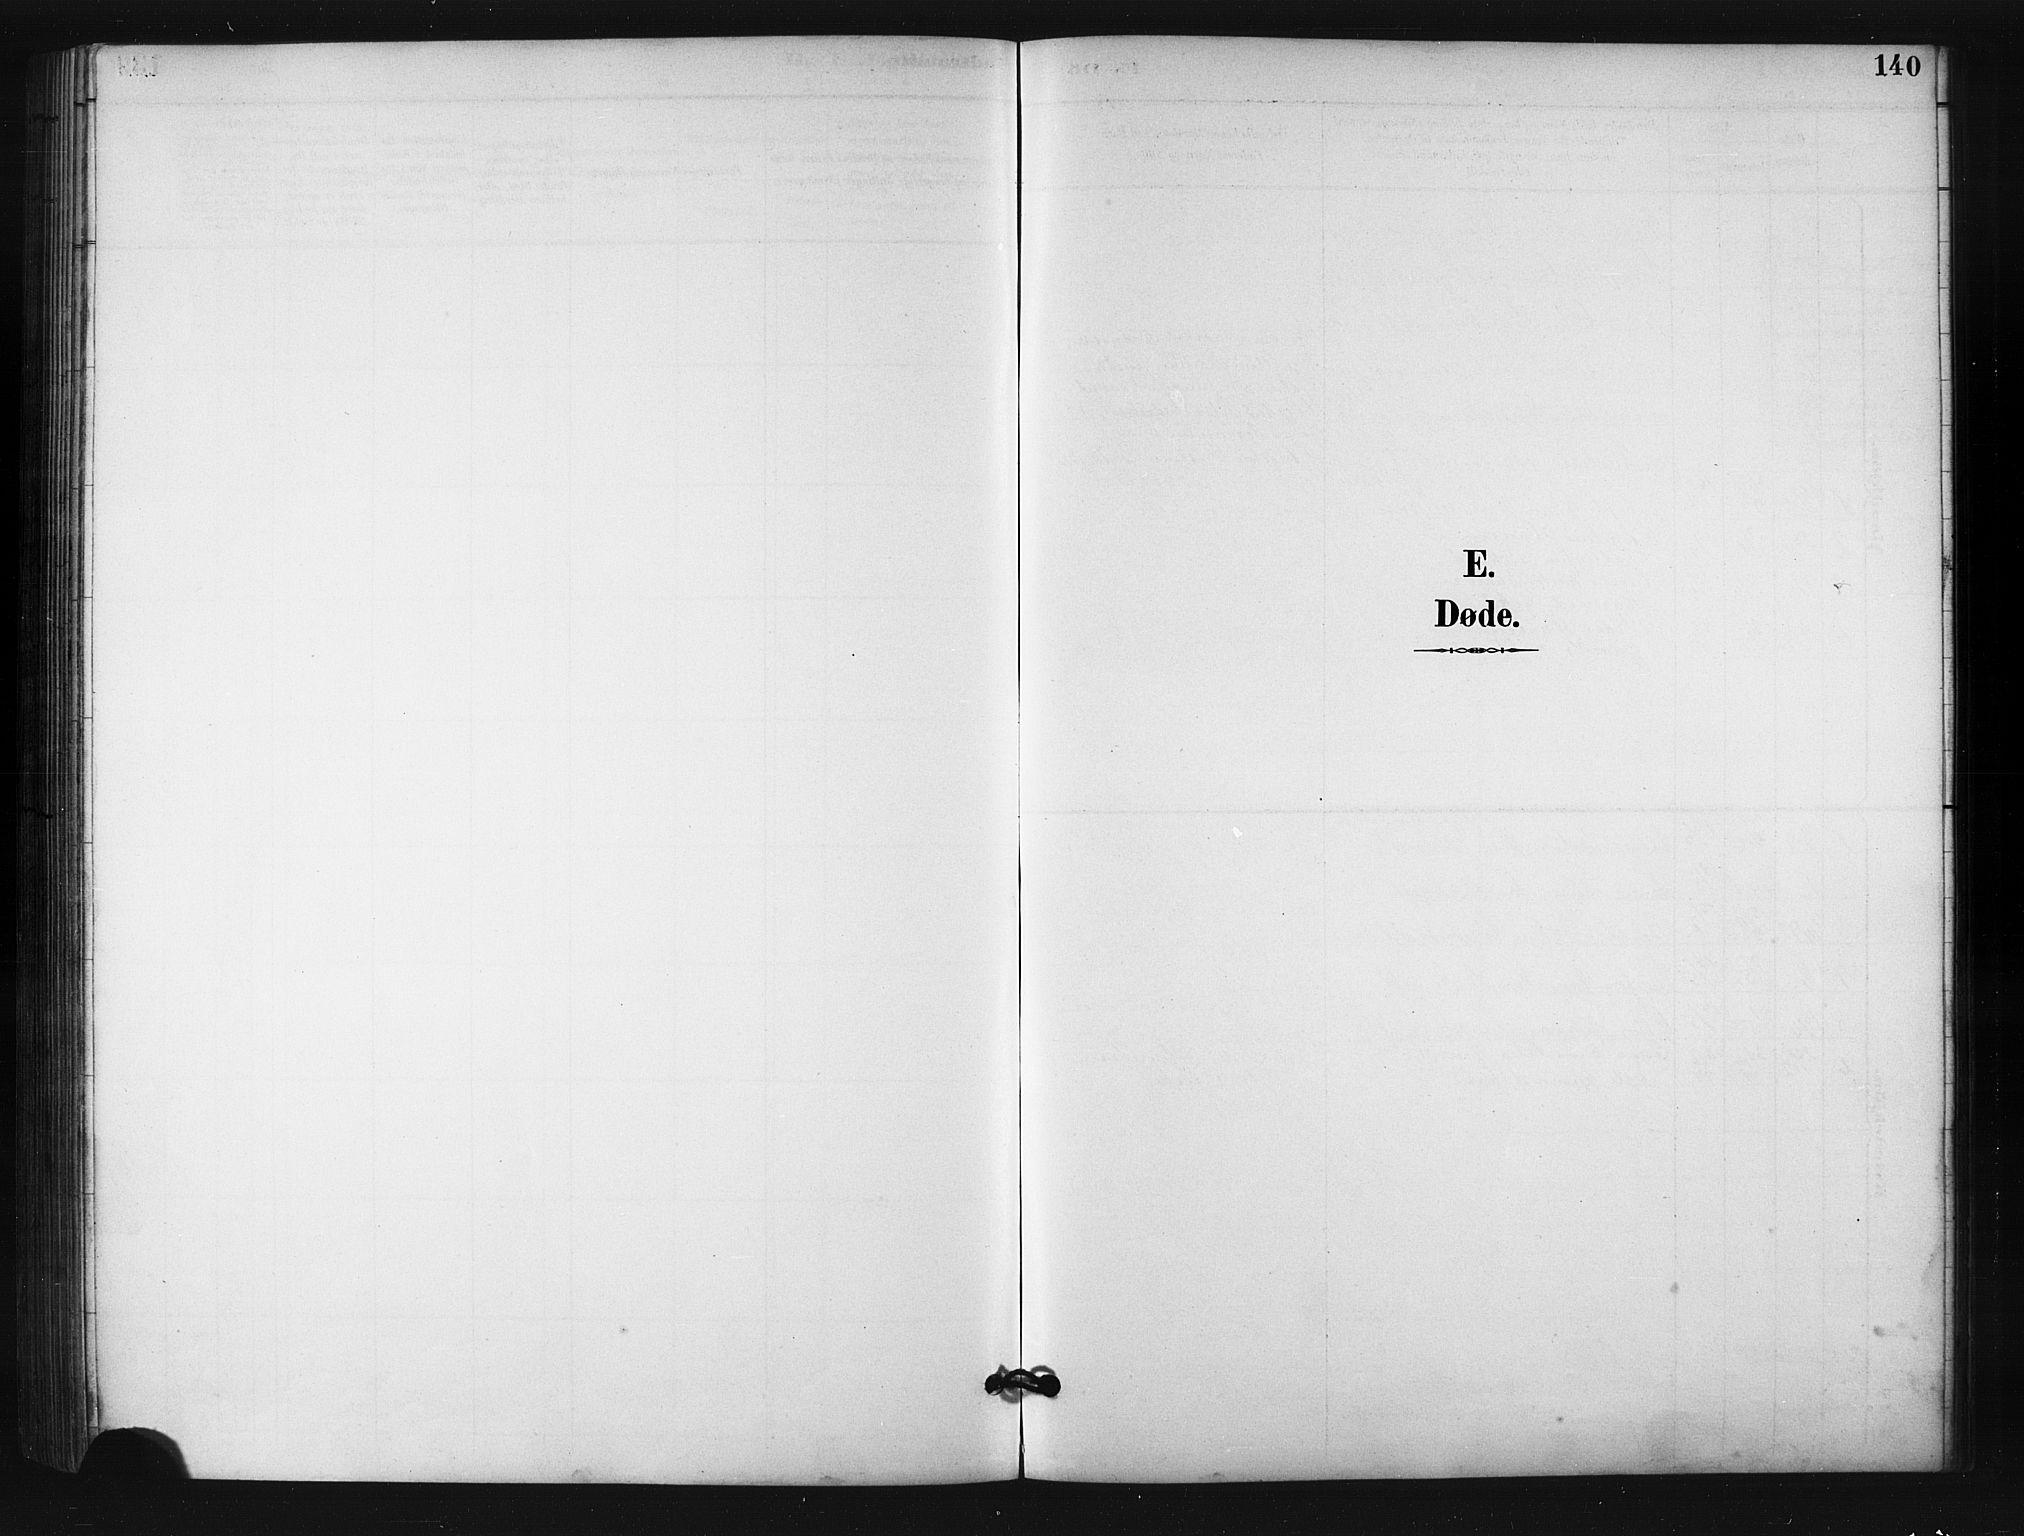 SATØ, Salangen sokneprestembete, H/Ha/L0001klokker: Klokkerbok nr. 1, 1893-1910, s. 140